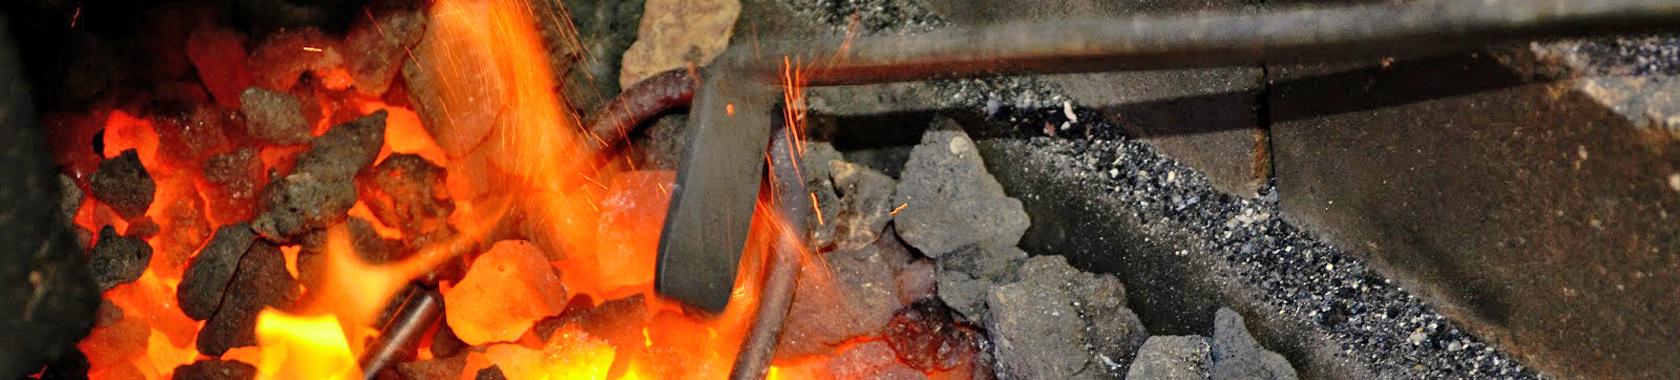 Basic Blacksmithing Level 1 – Summer